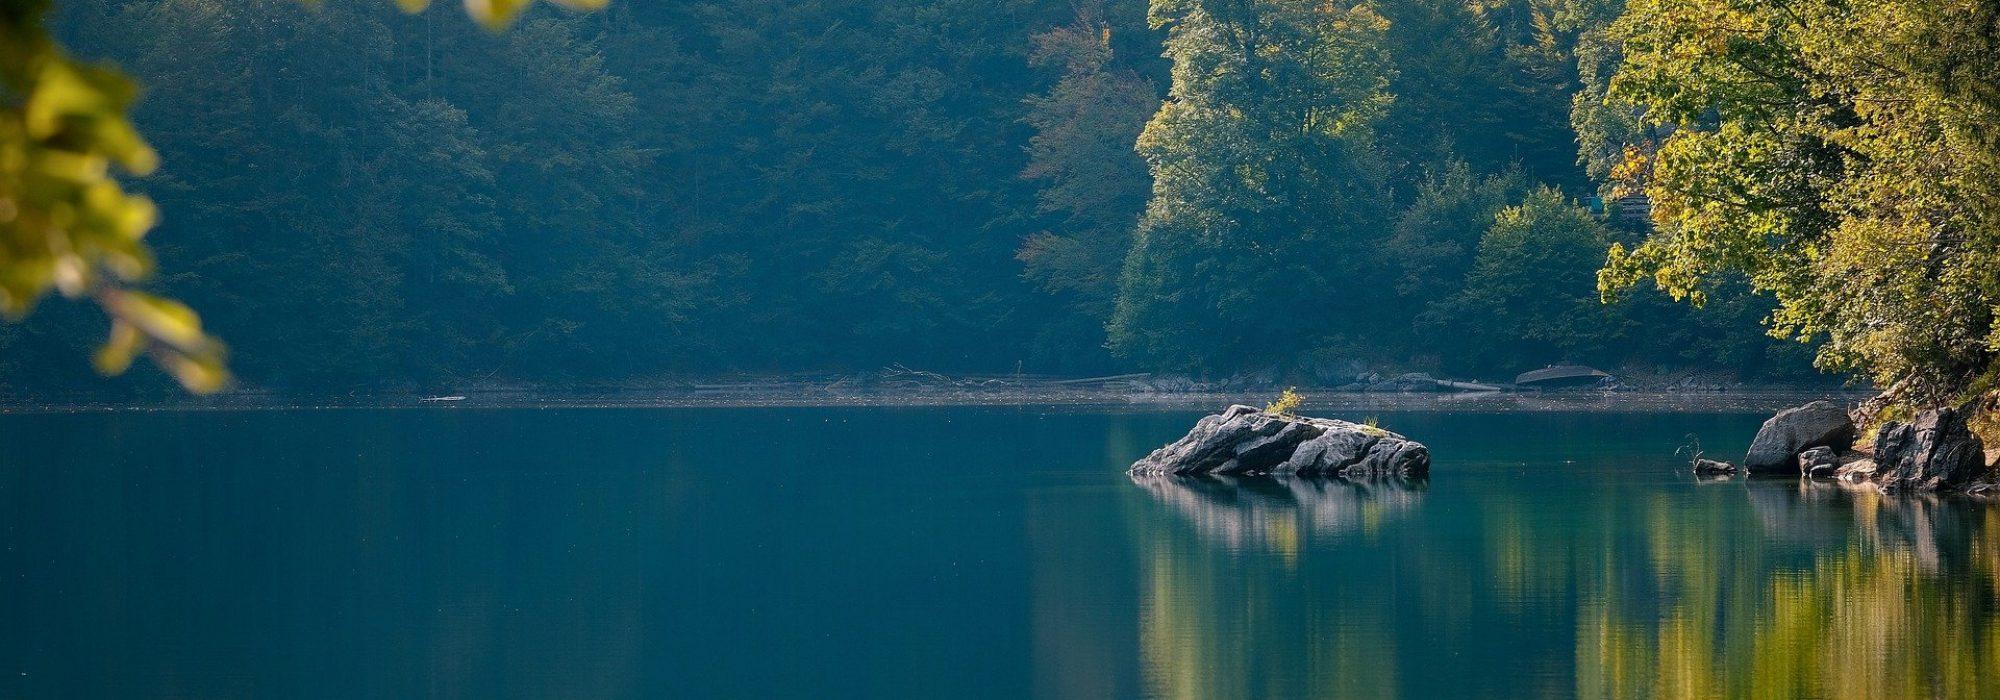 lake-g82b6cb42d_1920